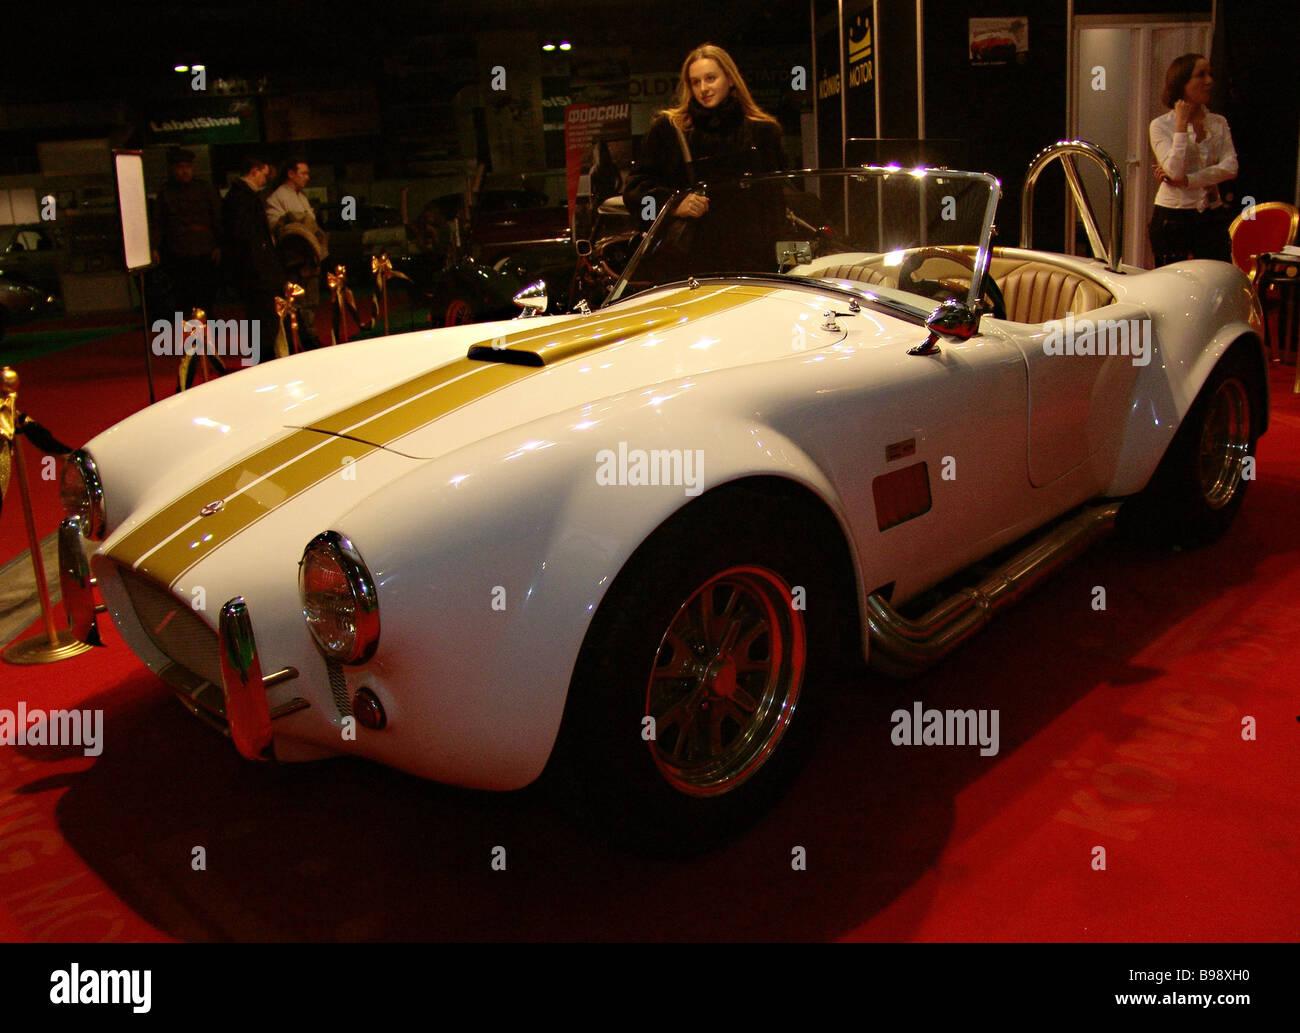 Ford Cobra 1965 bei Ilya Sorokin s 5. Oldtimer Galerie die Ausstellung alter seltene und exotische Autos und Fahrräder Stockbild